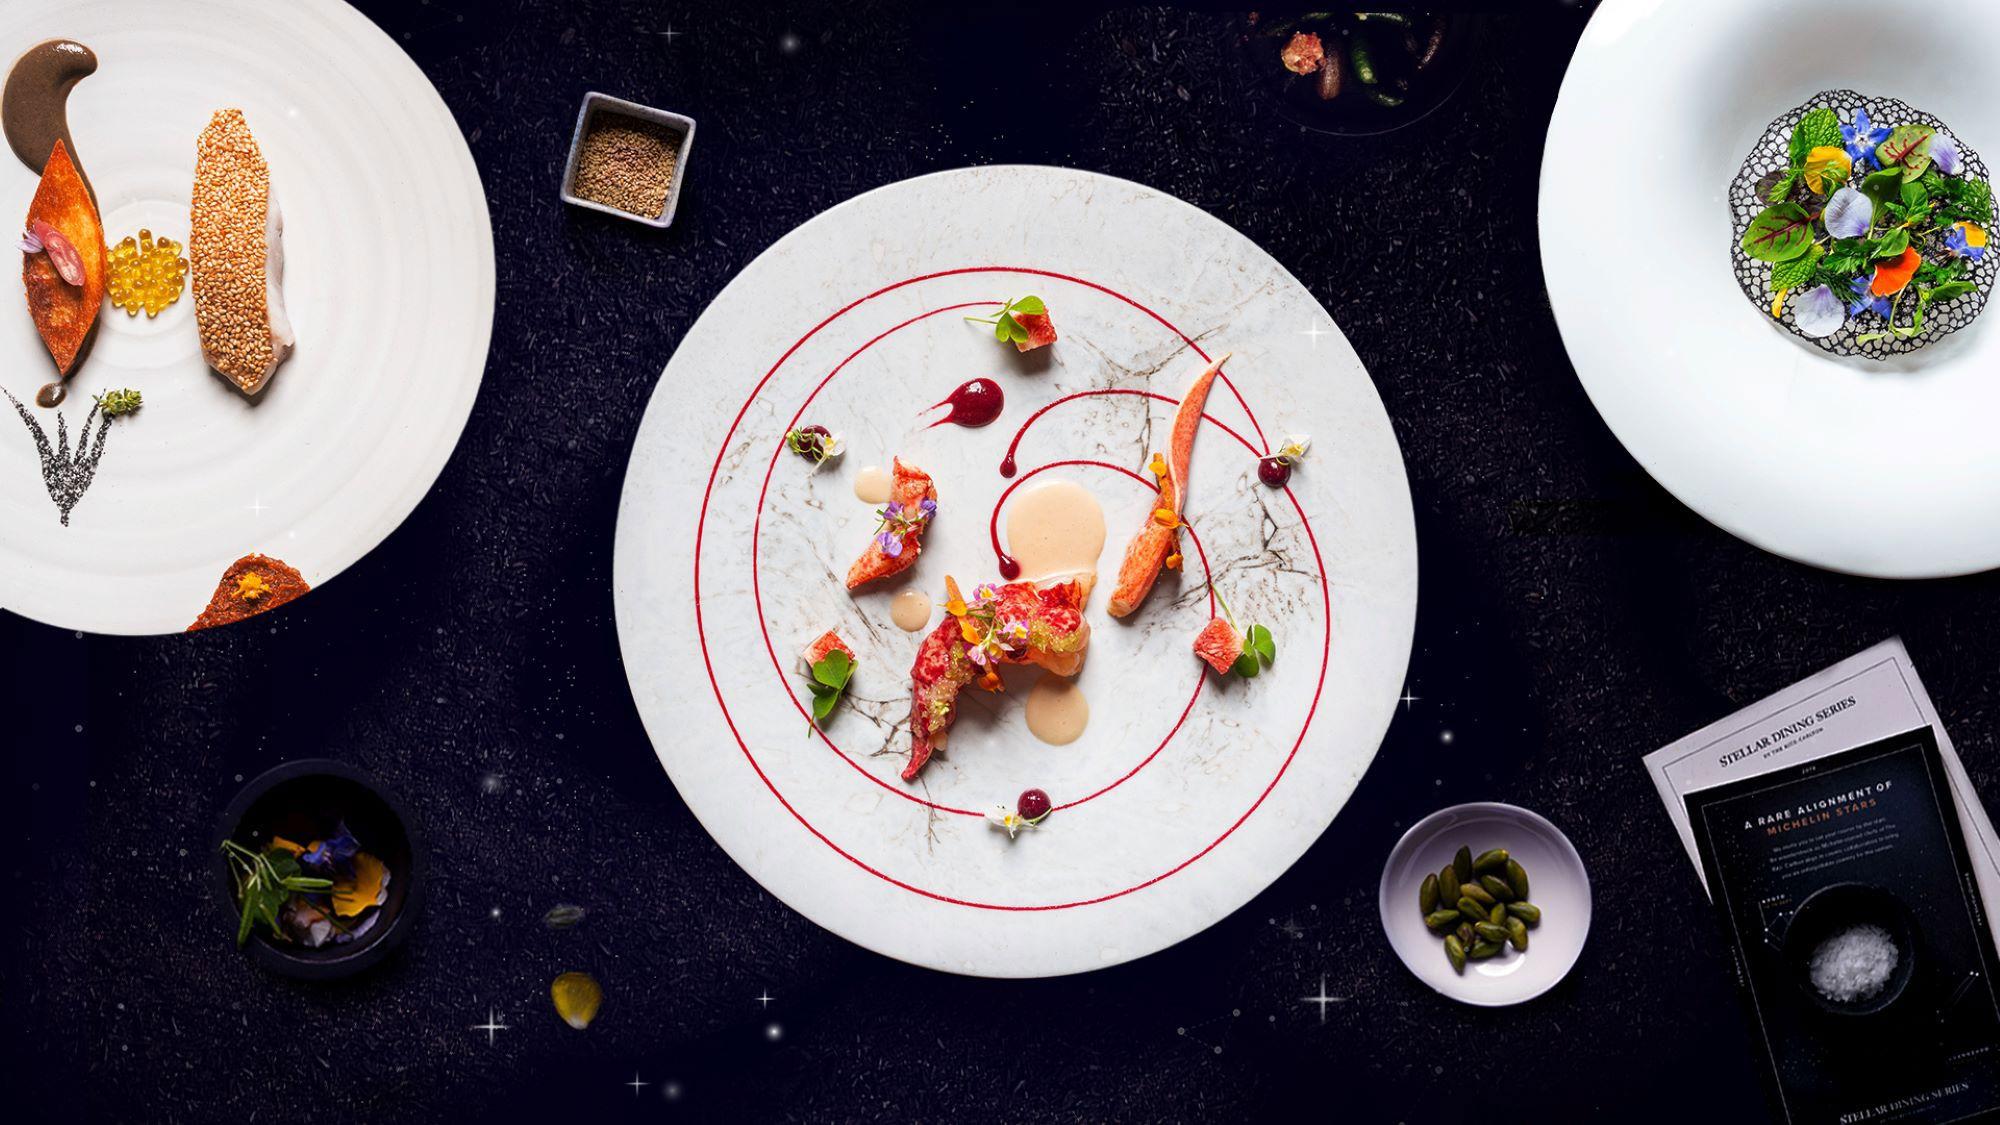 ザ・リッツ・カールトン東京では、3人のスターシェフの饗宴「シックスハンズディナー」を提供。